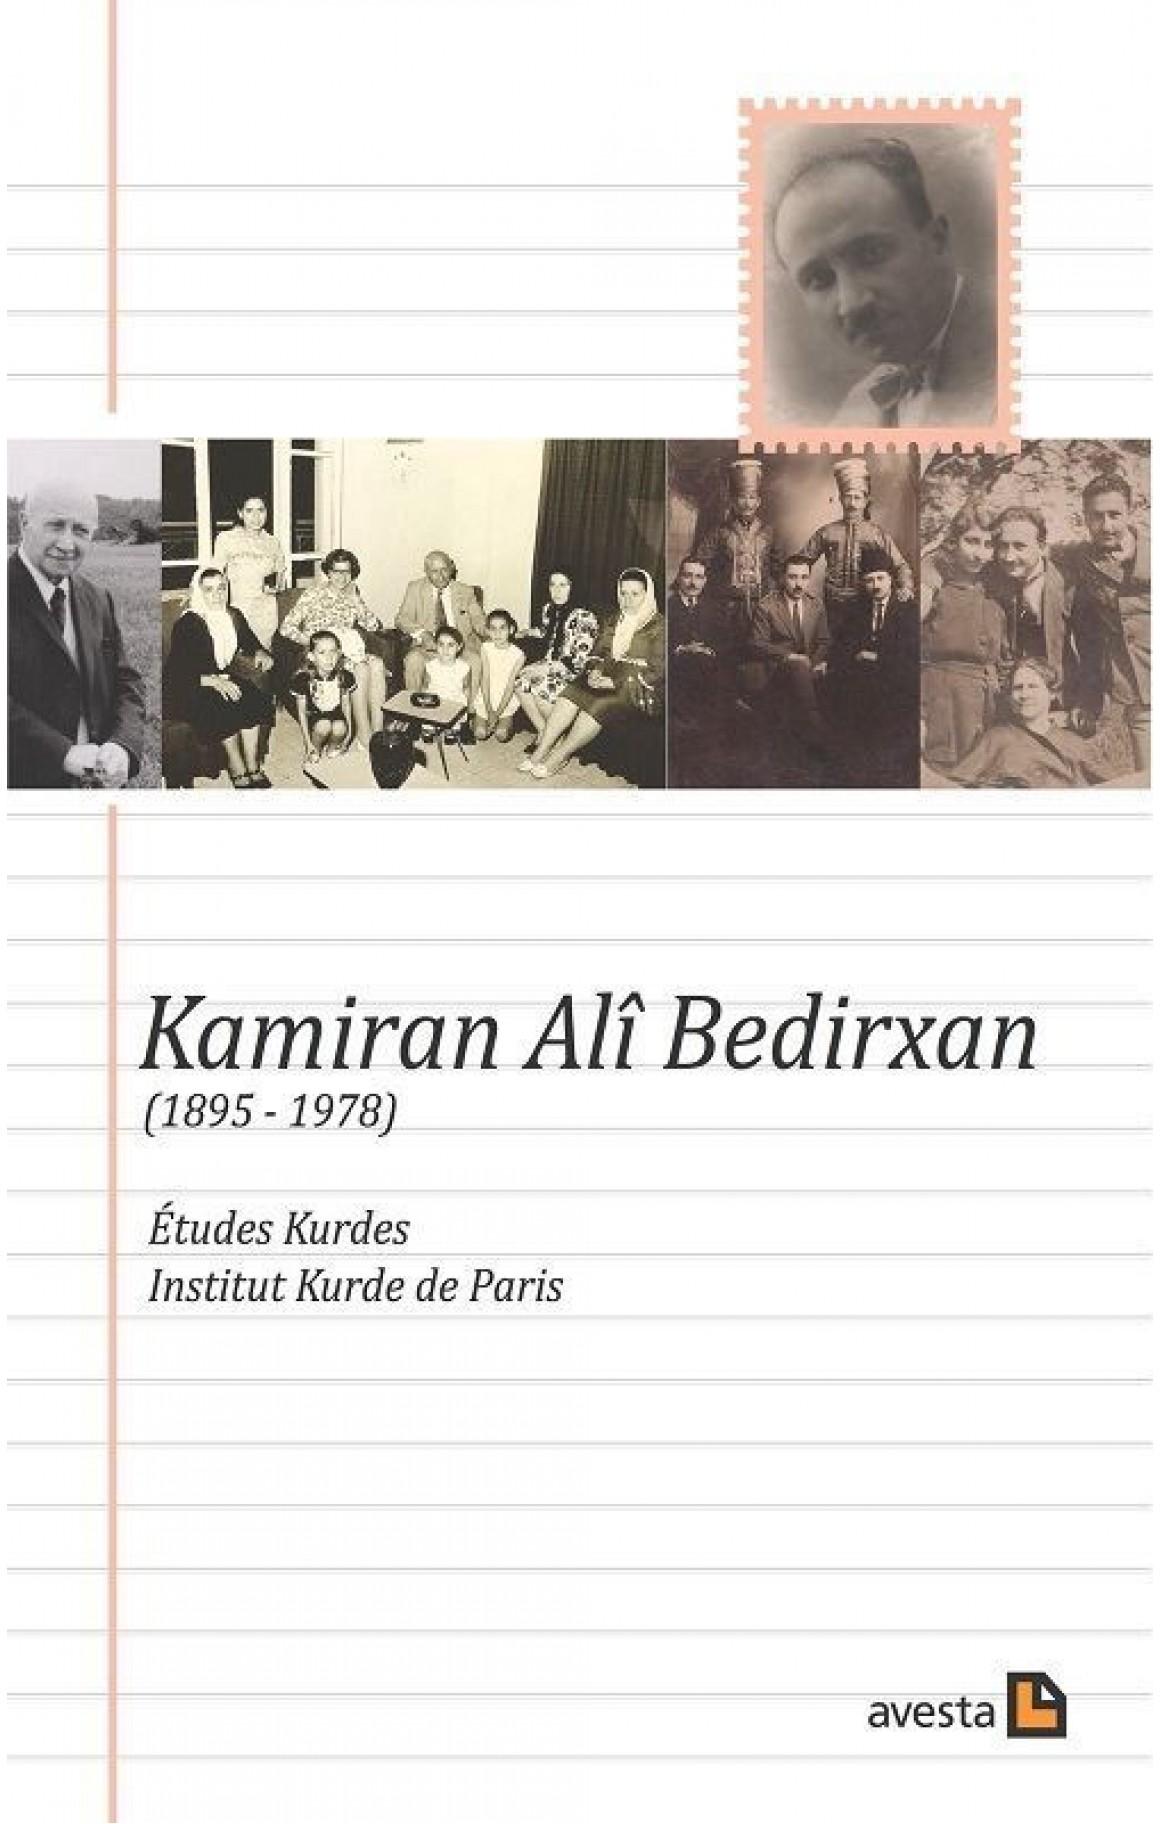 Kamiran Ali Bedirxan (1895-1978)